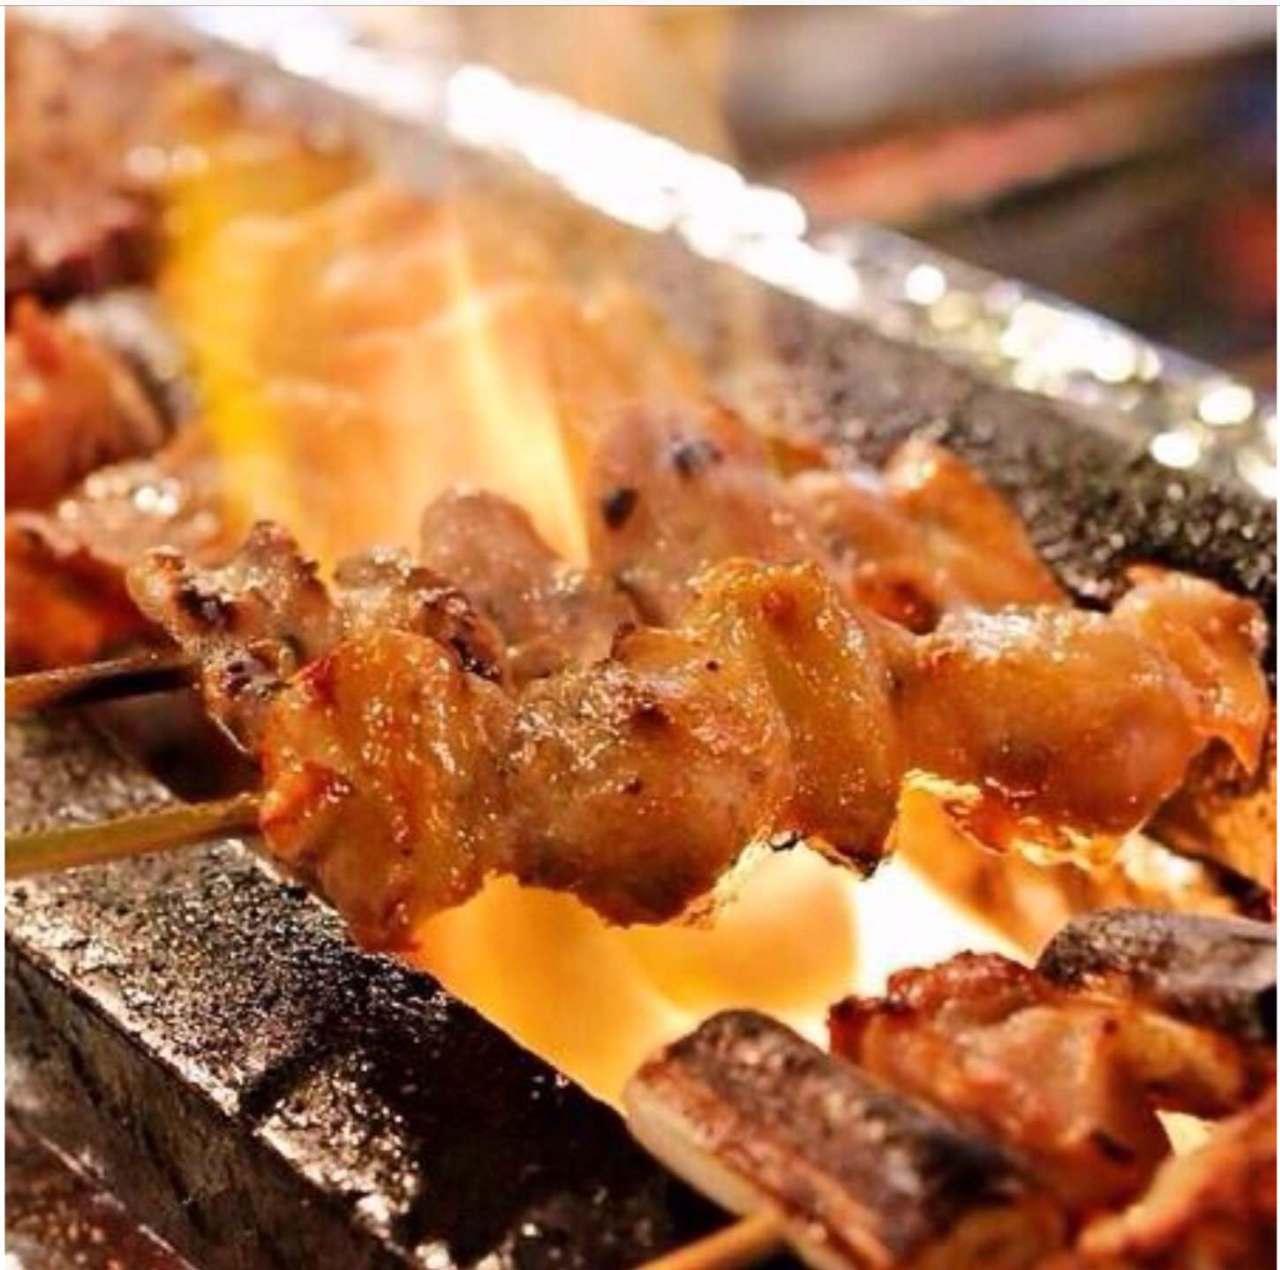 安曇野鶏とA4ランク和牛の串焼き!